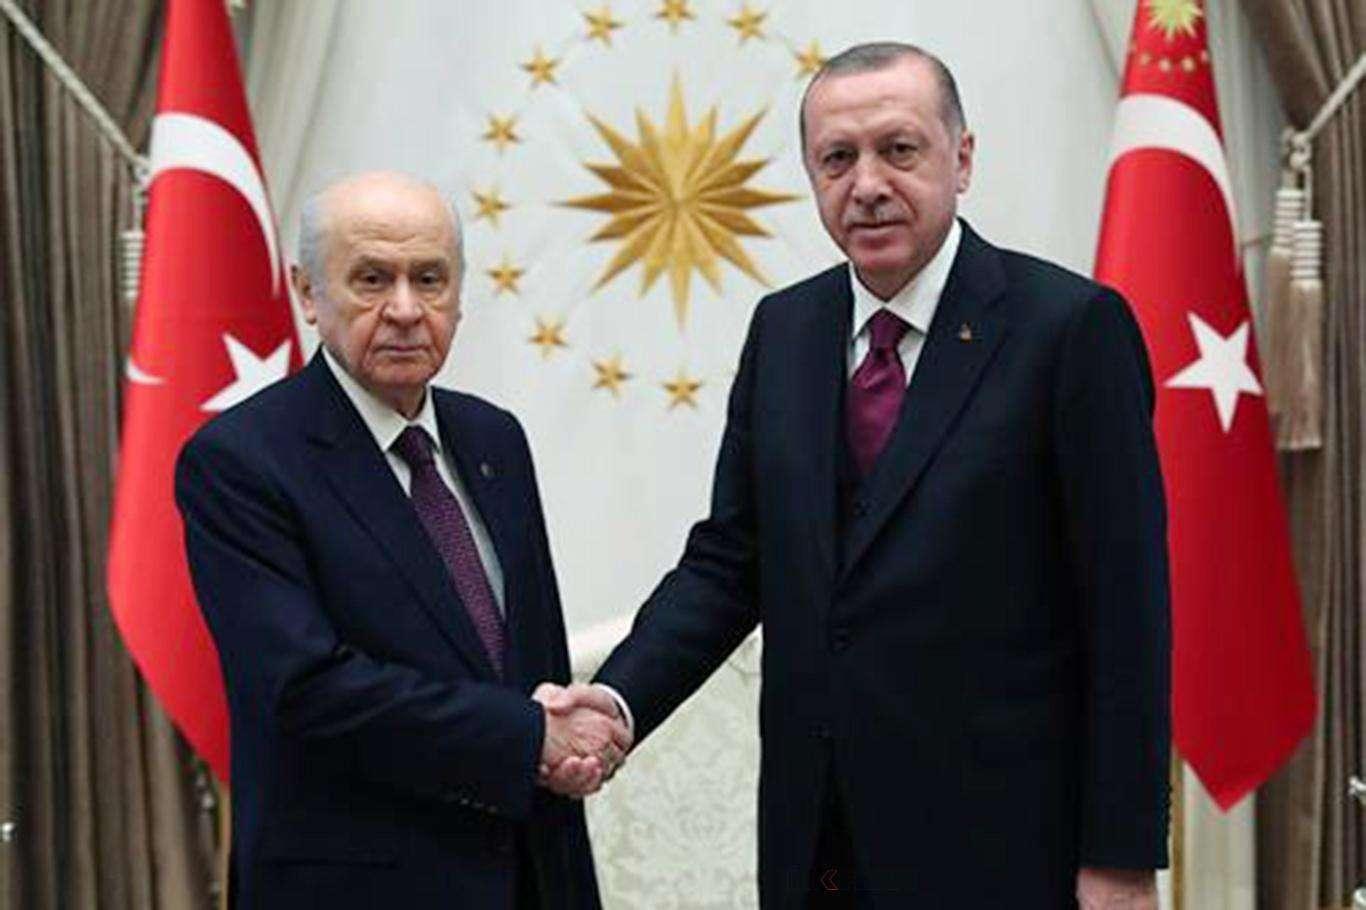 Başkan Erdoğan, Bahçeli Ve Aym Başkanı Arslan İle Külliyede Görüşme Yapacak